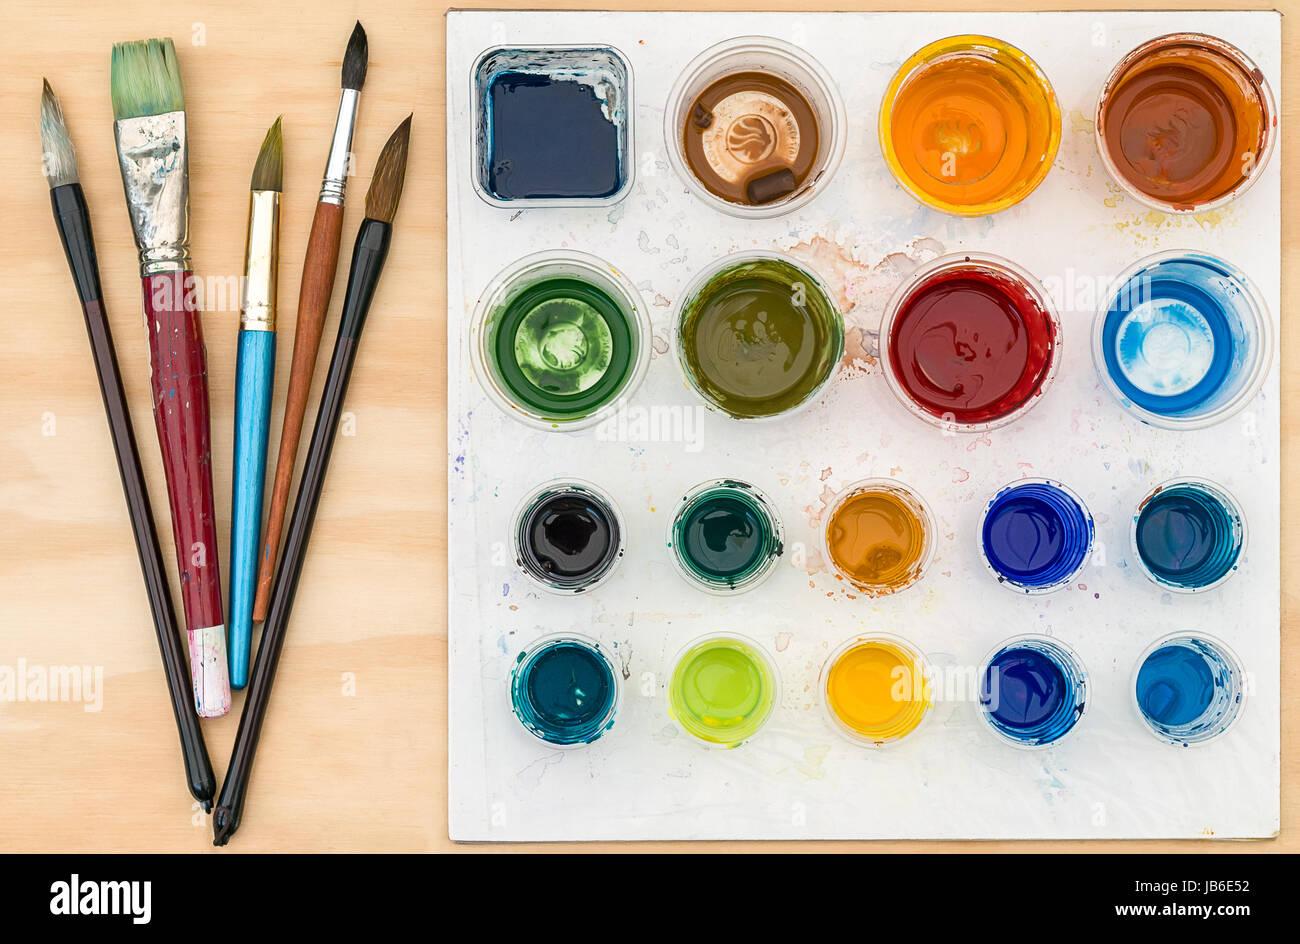 Pinceaux Et Palette De L Artiste Avec La Peinture Acrylique Sur Fond De Bois Photo Stock Alamy